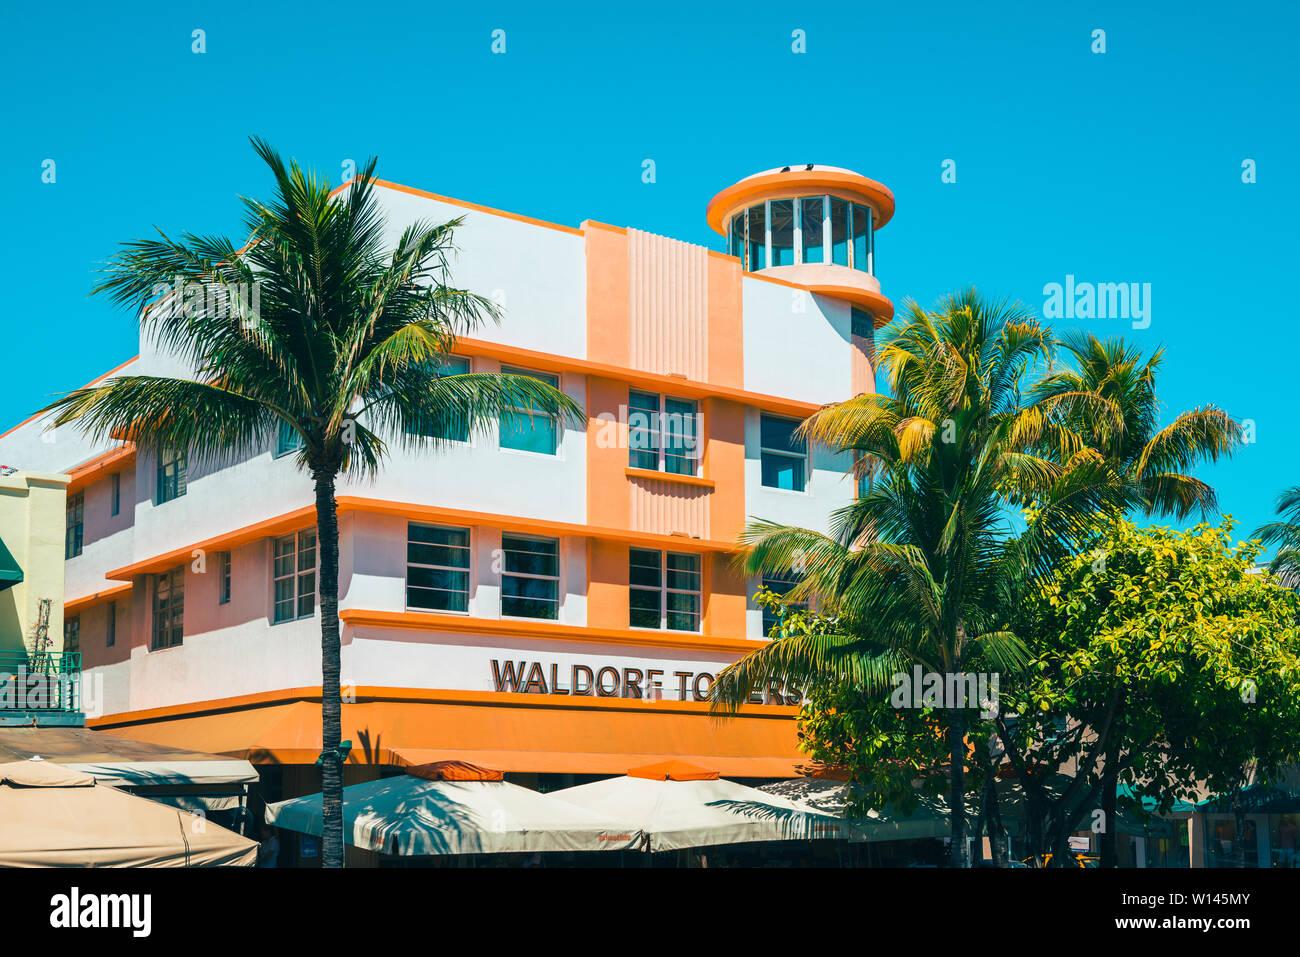 Détail de l'hôtel Waldorf Towers Hotel à Miami South Beach Floride USA Banque D'Images